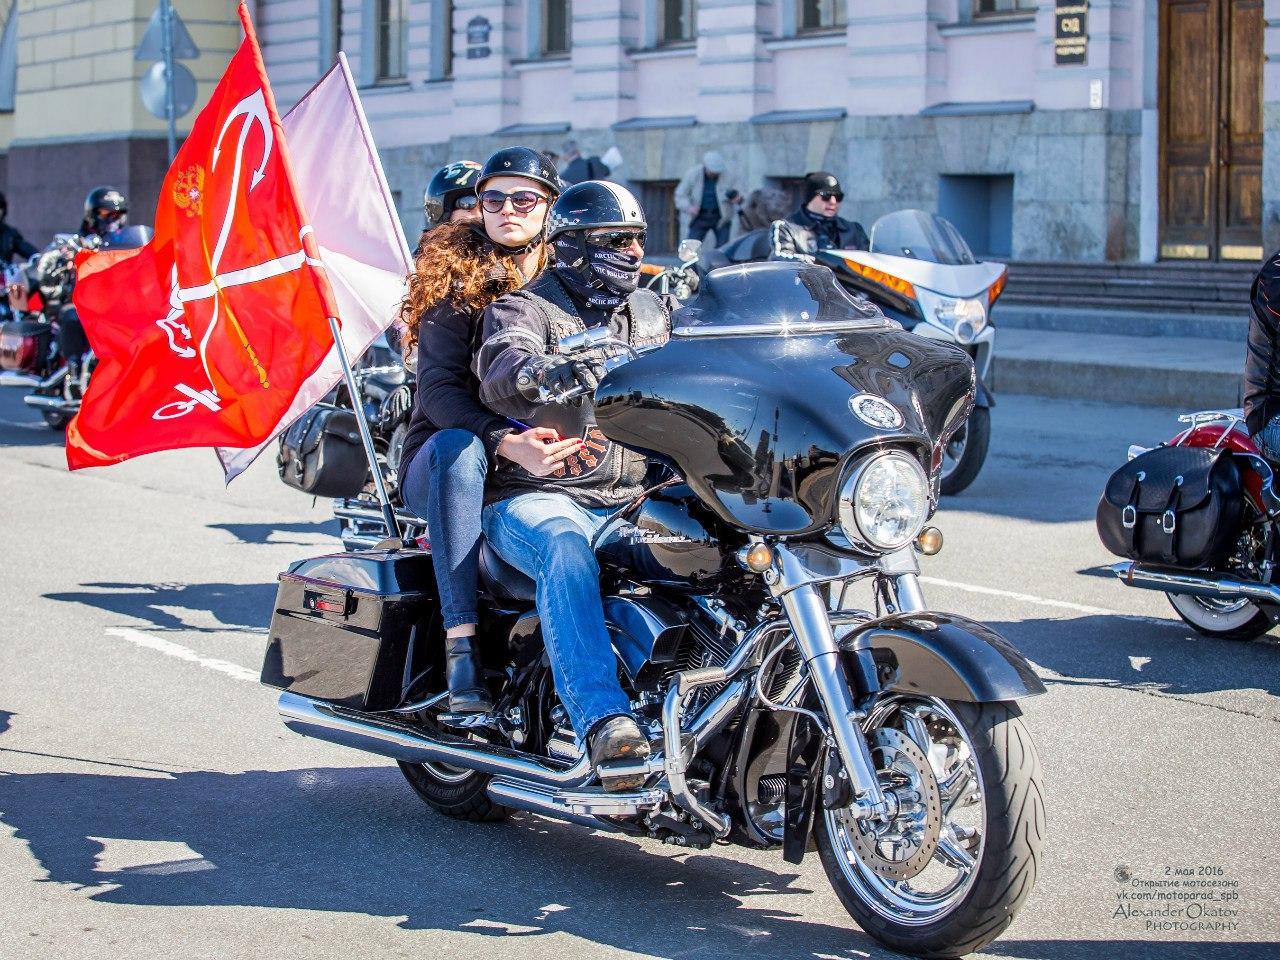 ней фотосессии на мотоциклах питер клубе